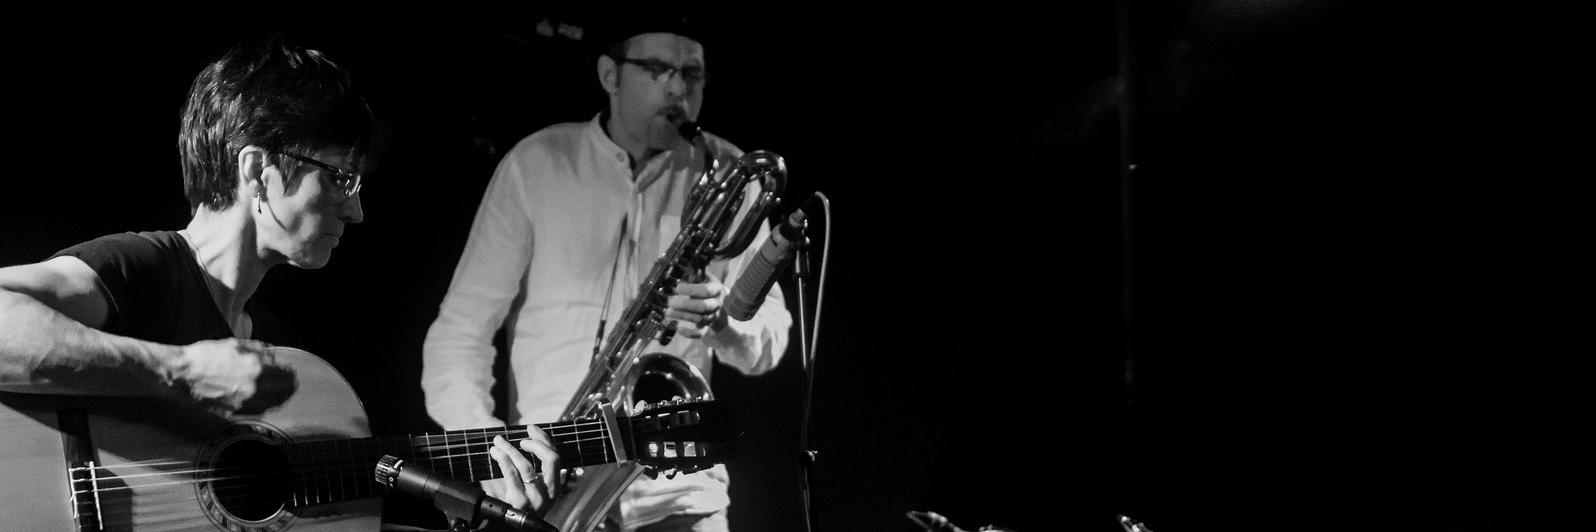 Vincent FORT, musicien Jazz en représentation à Drôme - photo de couverture n° 1